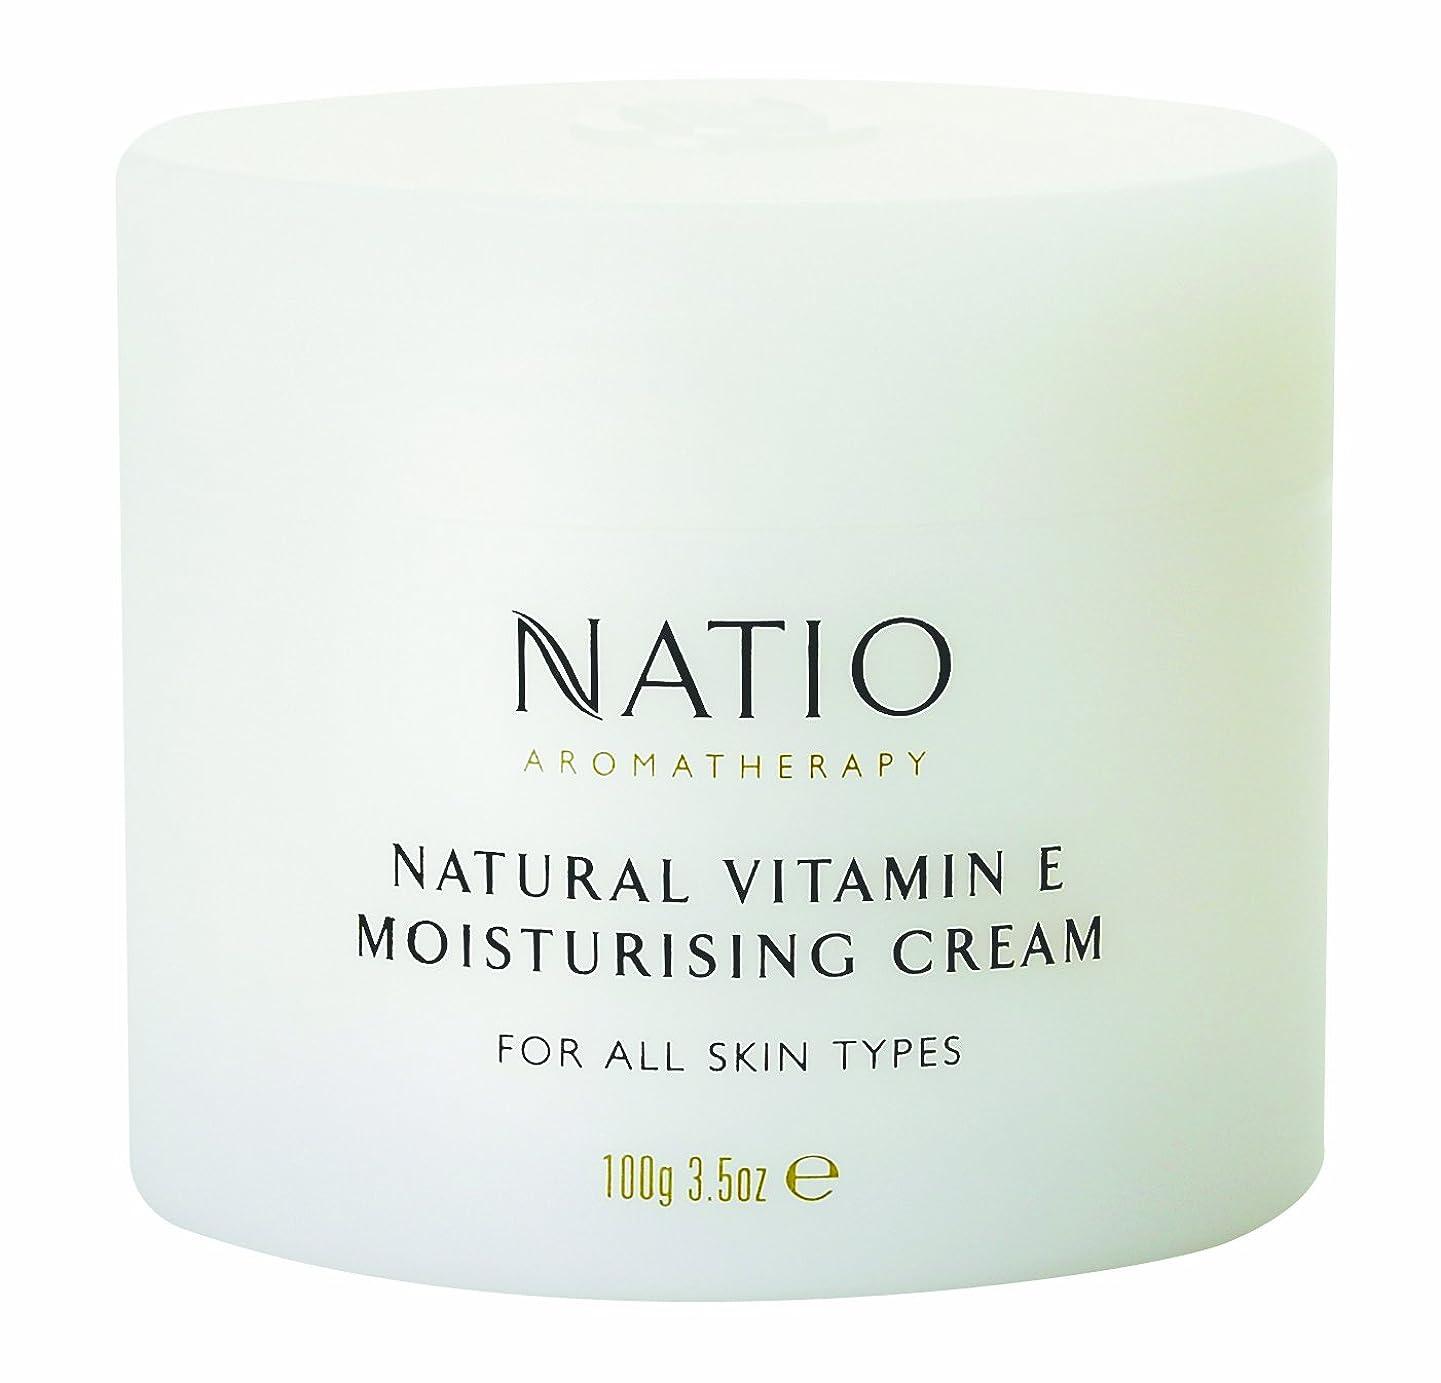 近所の暴君人Natio Aromatherapy Natural Vitamin E Moisturising Cream 100g